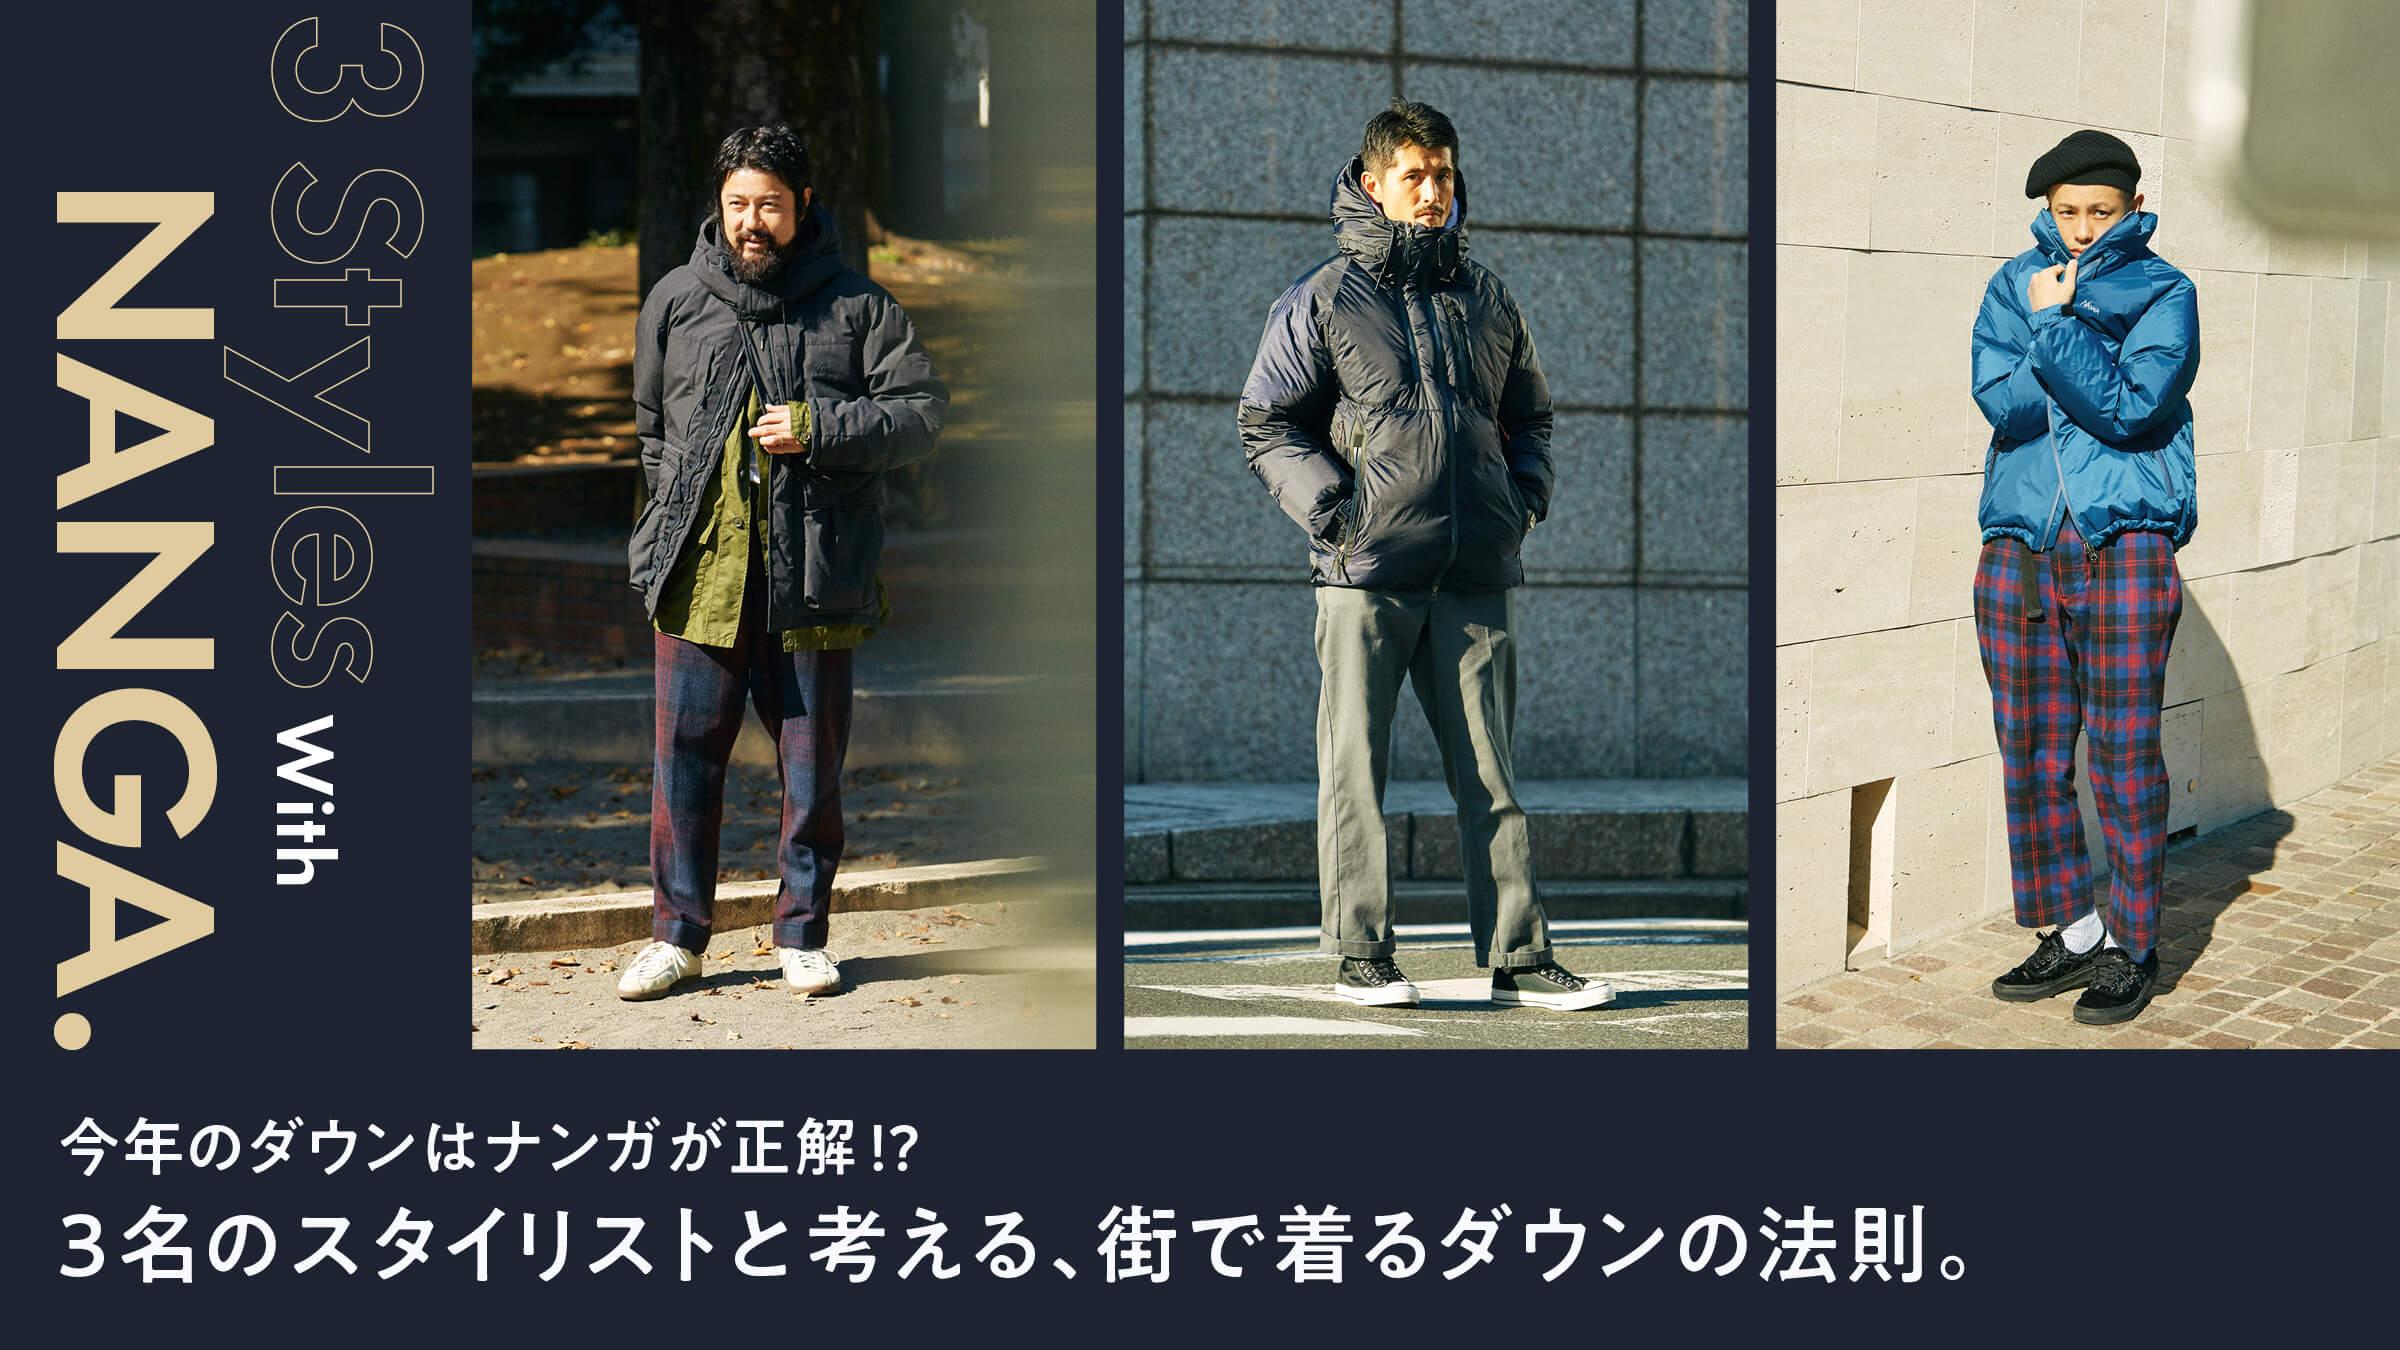 今年のダウンはナンガが正解!? 3名のスタイリストと考える、街で着るダウンの法則。